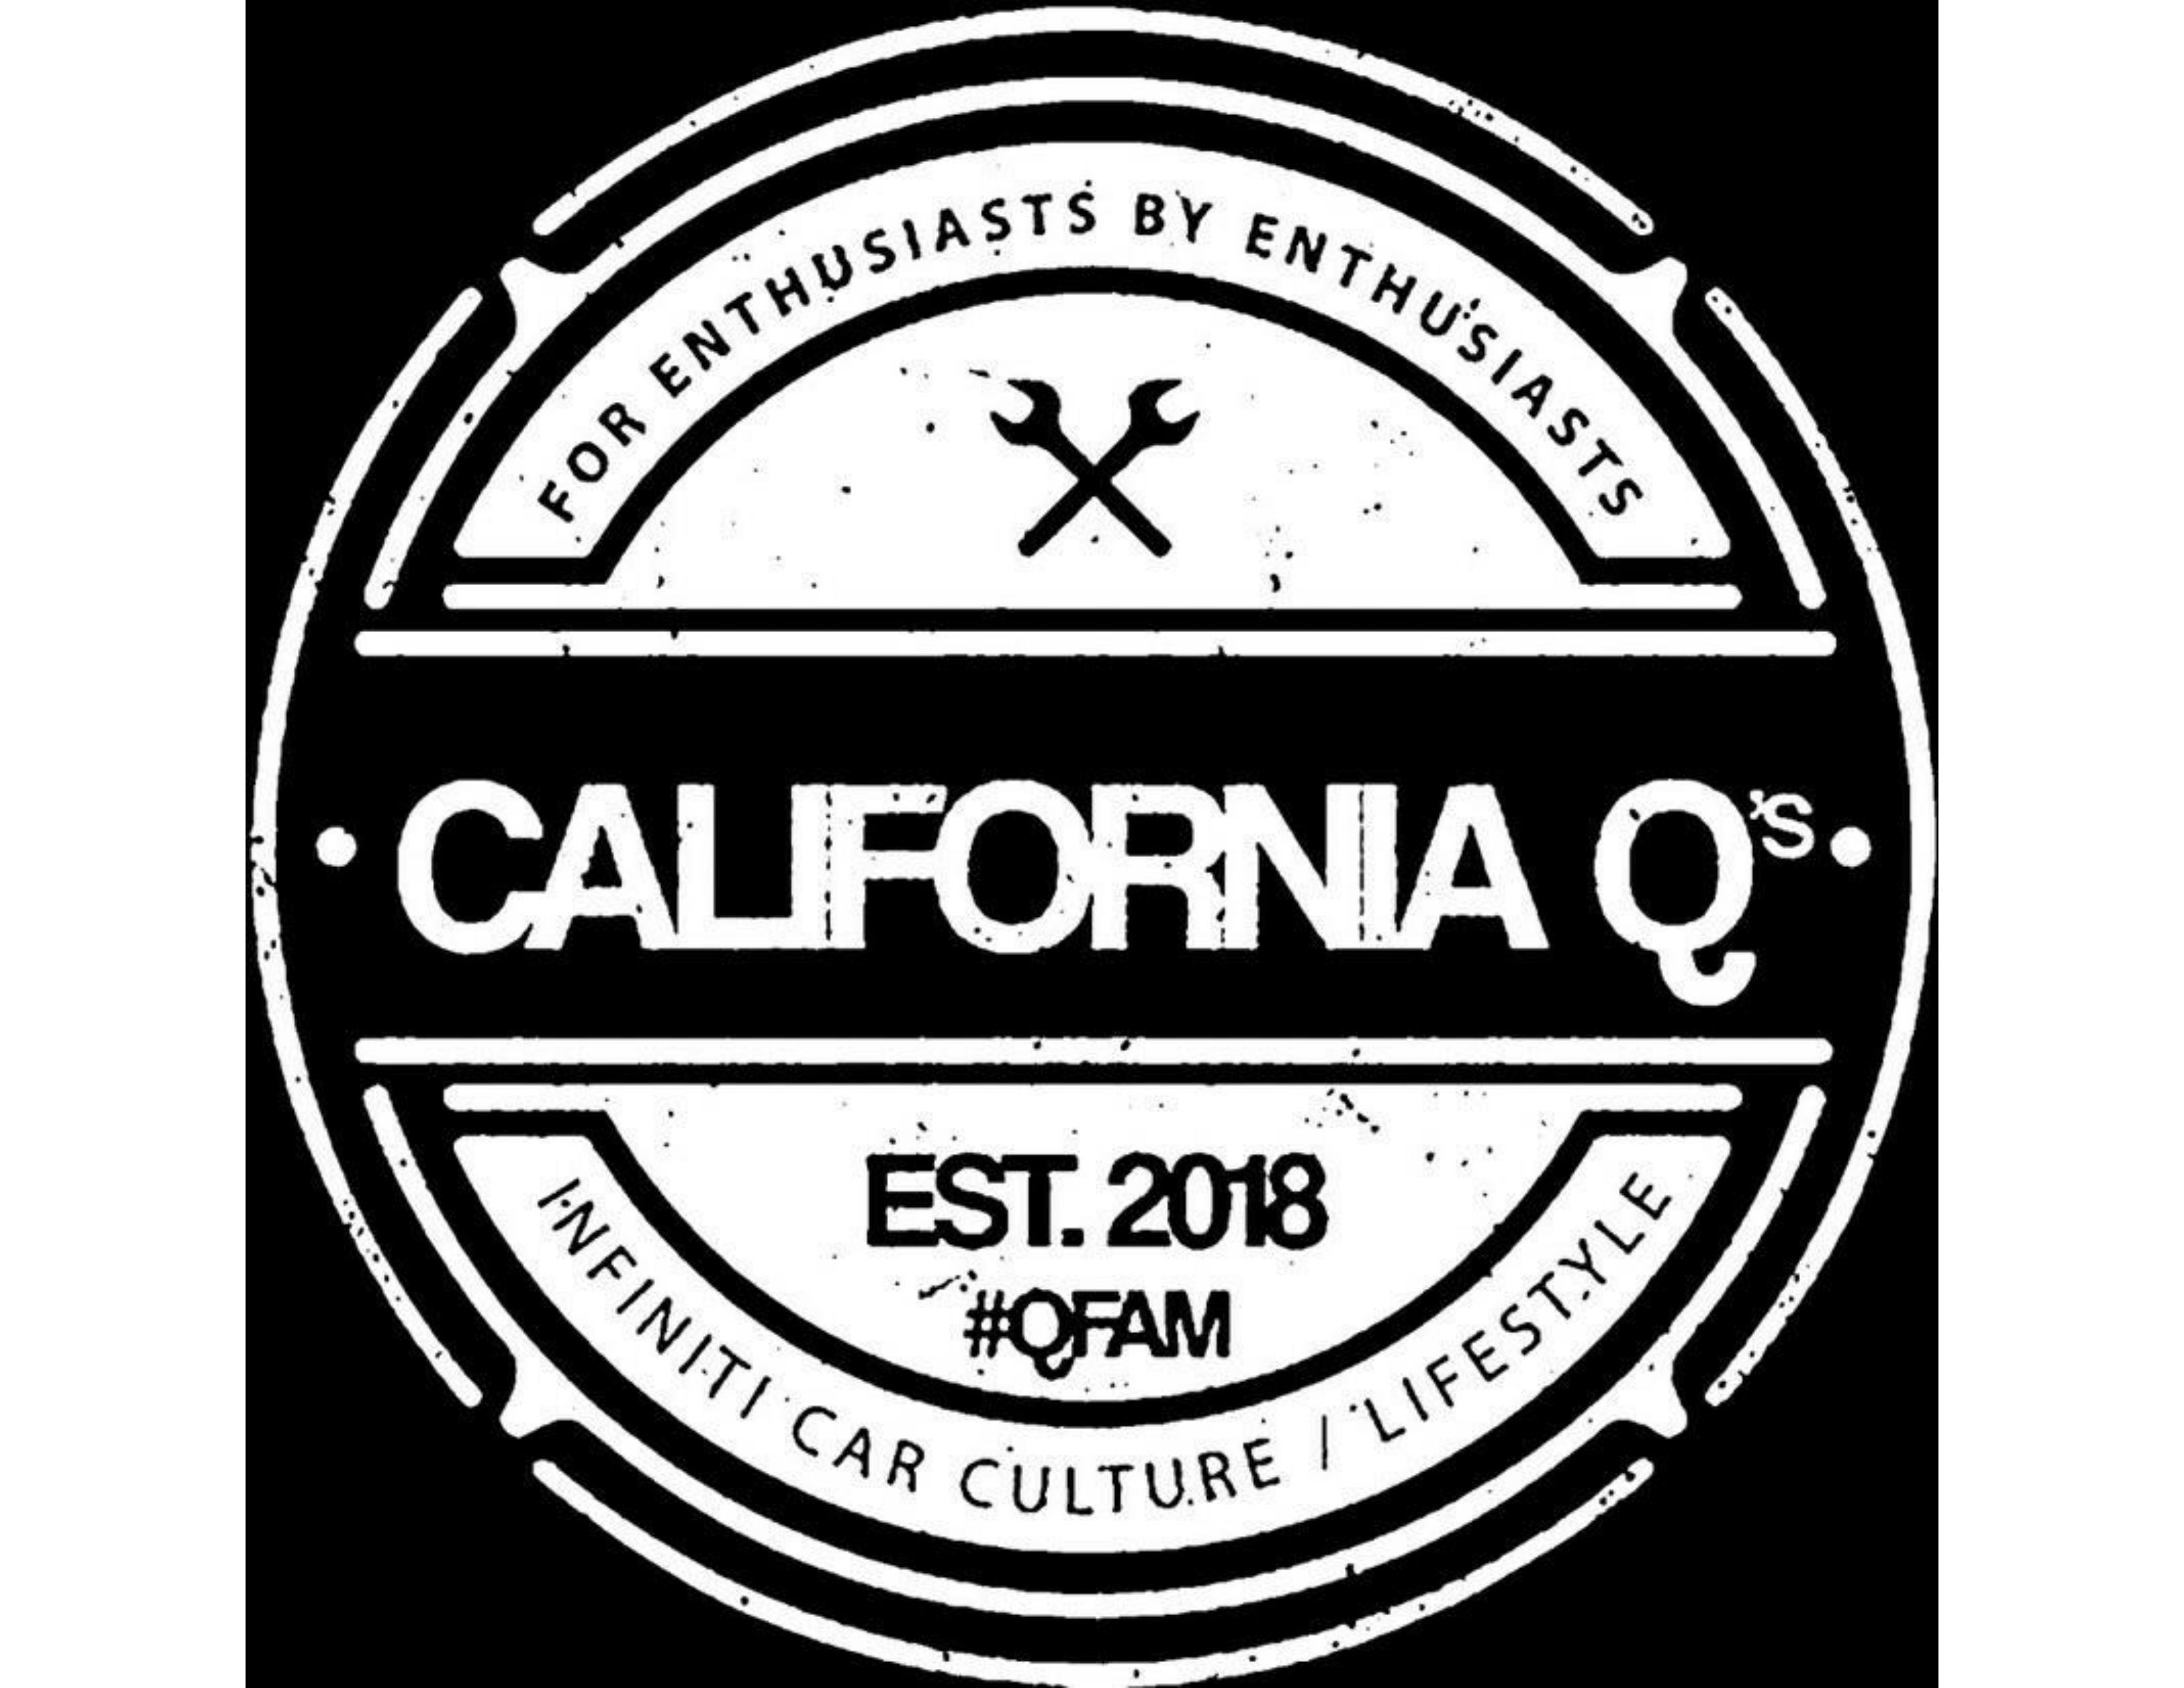 California Q's